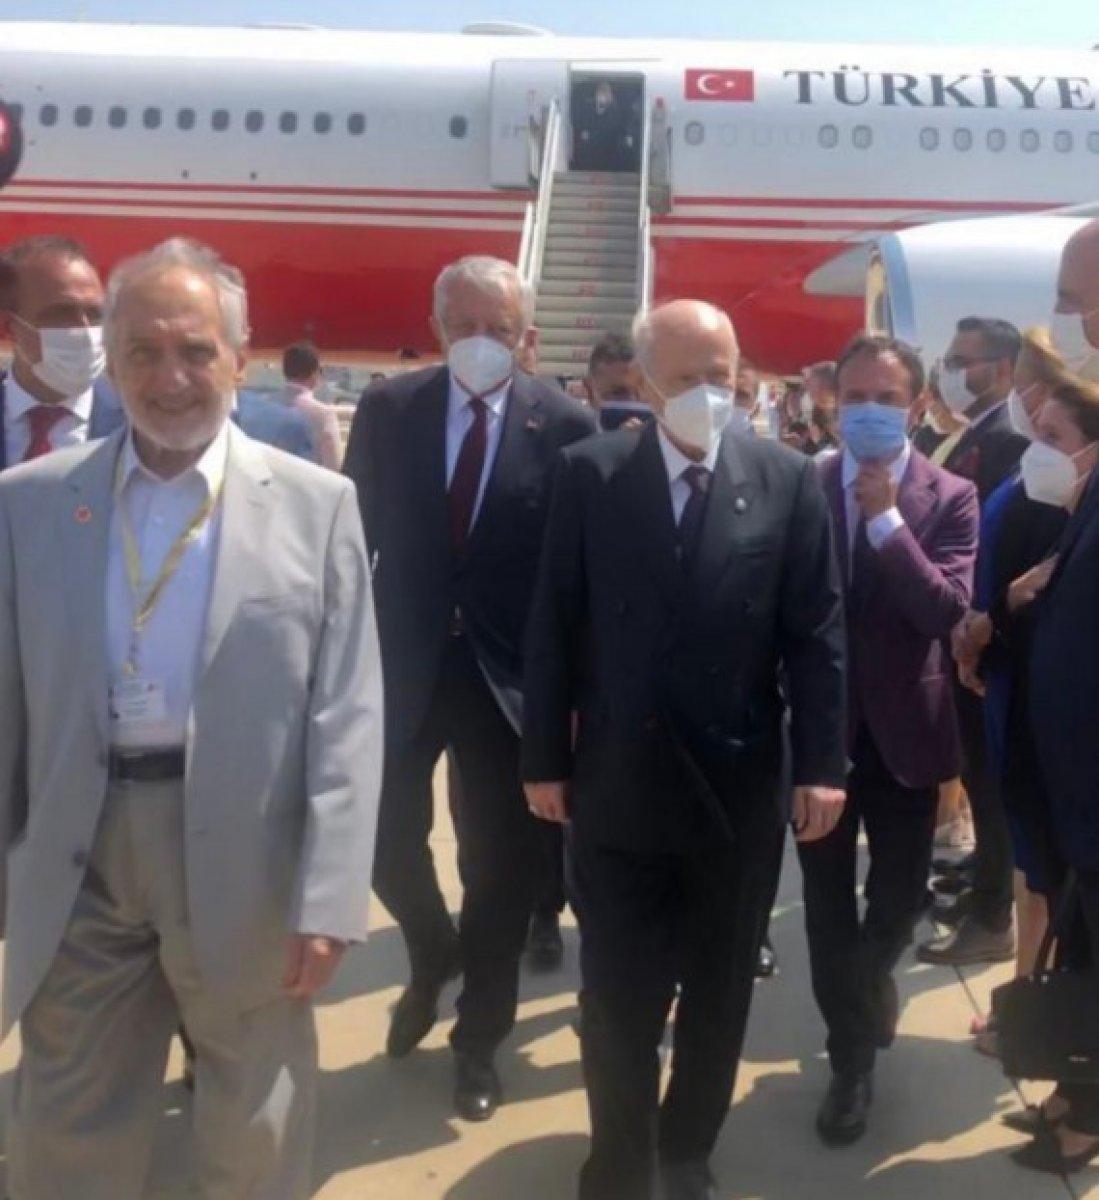 Kıbrıs a giden Devlet Bahçeli, uçaktan Oğuzhan Asiltürk ile kol kola indi #2